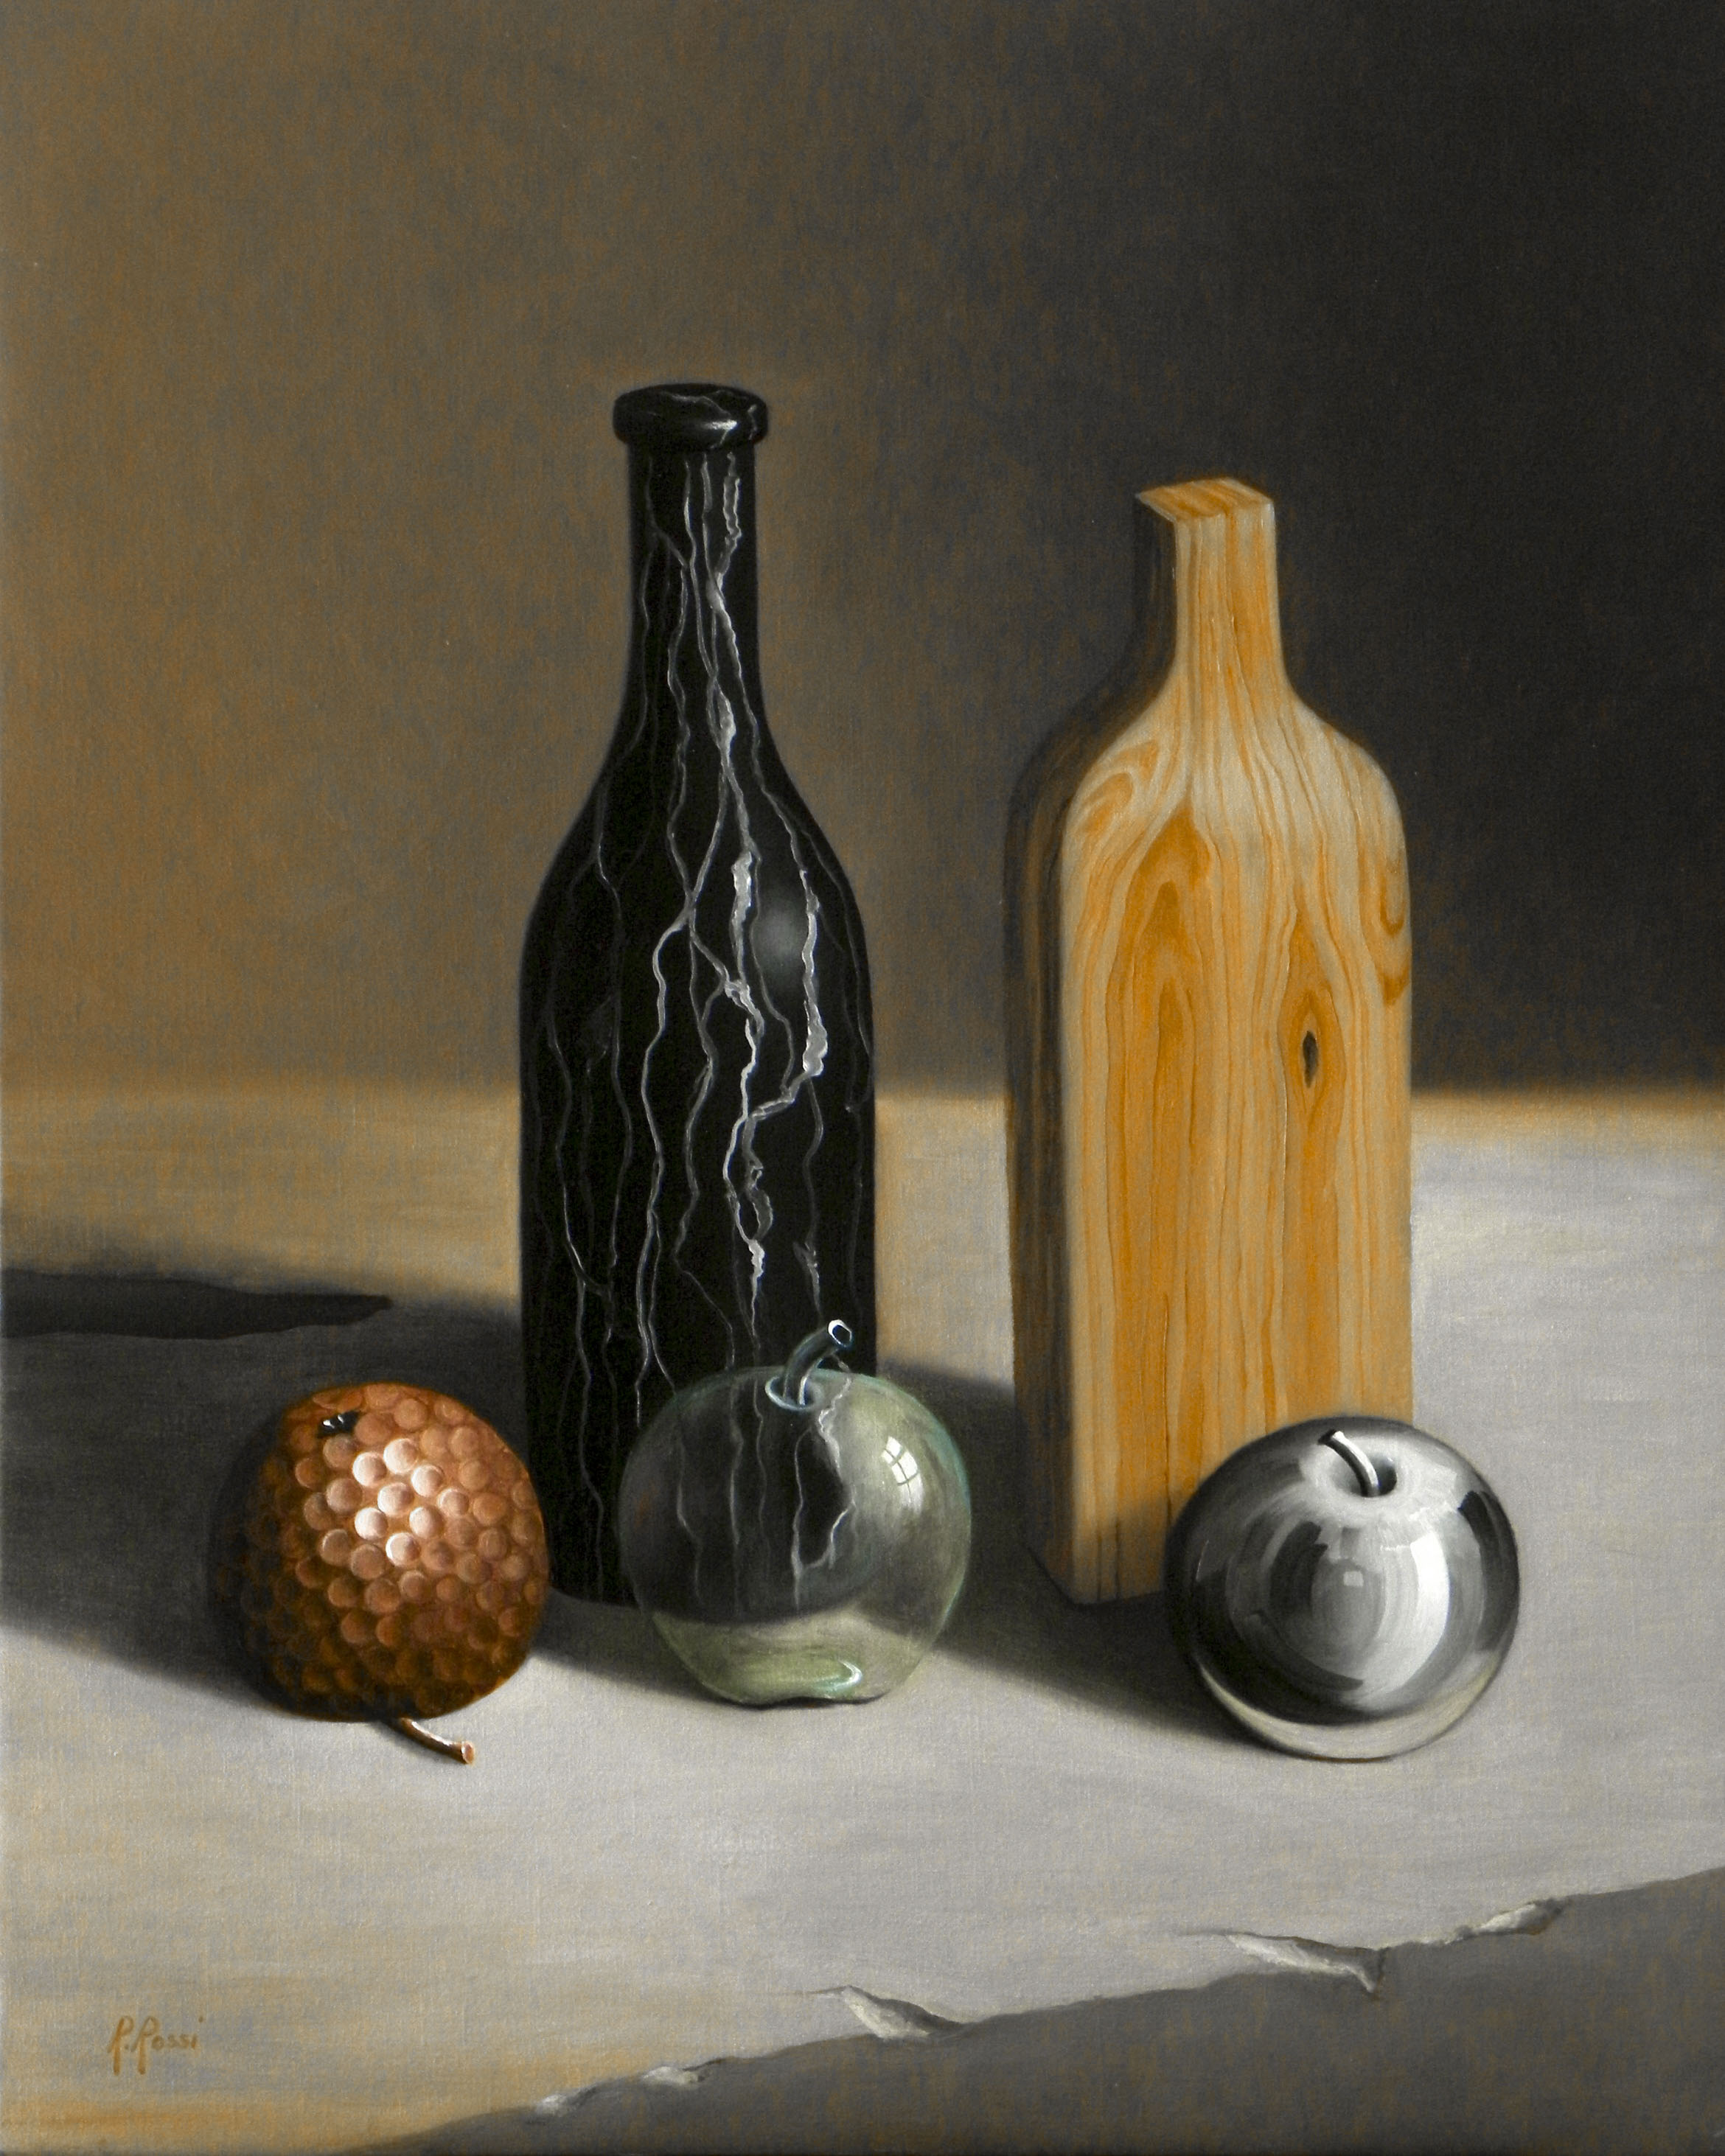 2014 roberta rossi - Composizione surreale 2014 - olio su tela di lino - 50 x 40